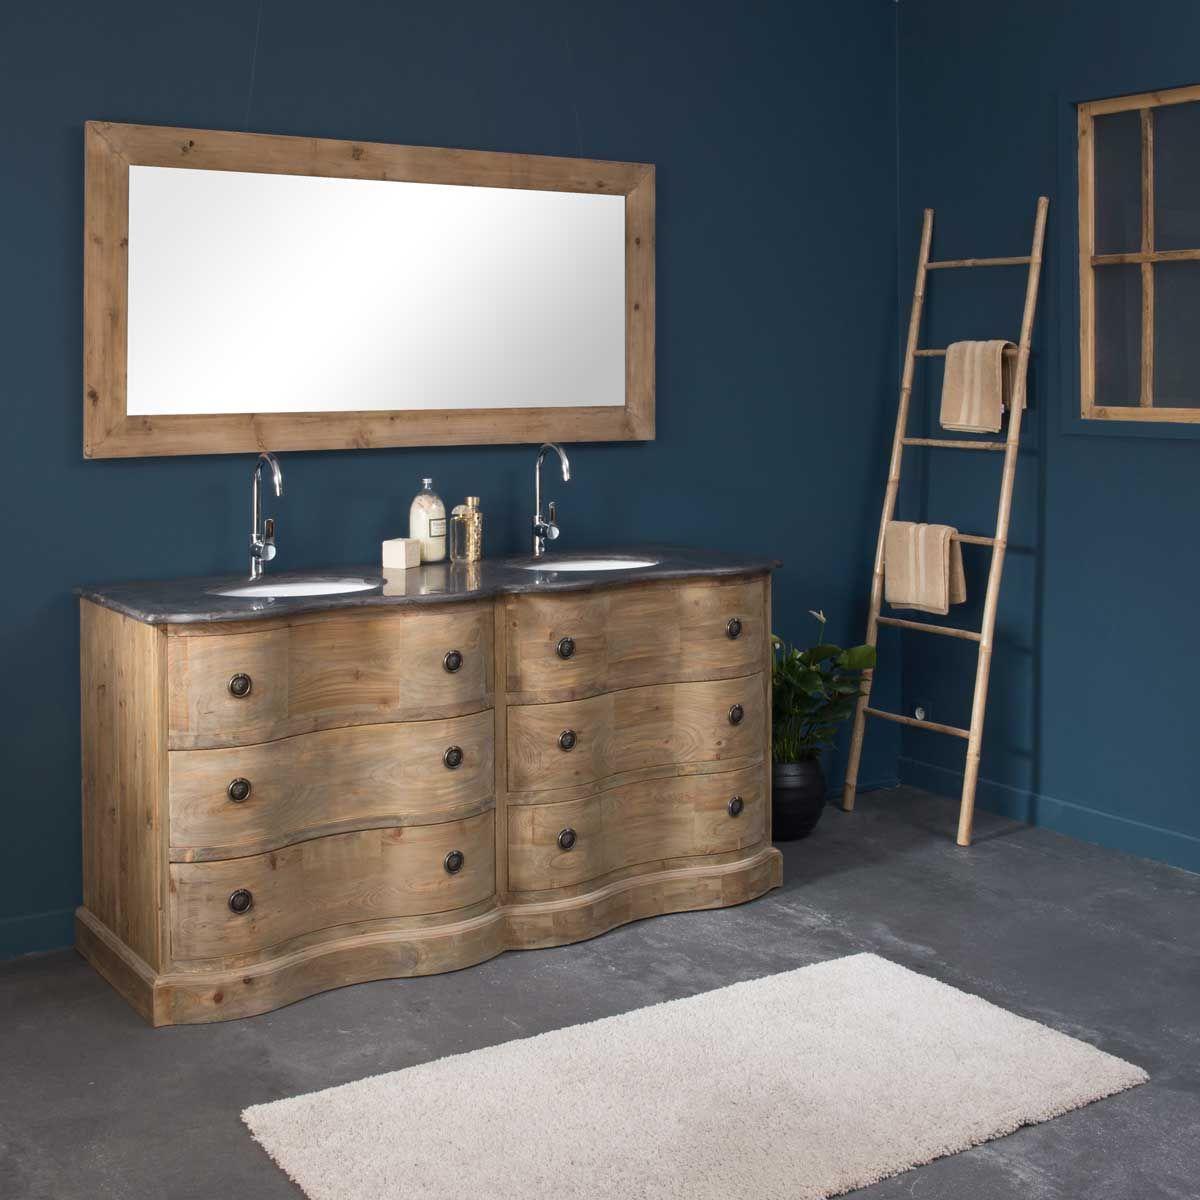 Meuble de salle de bain 2 vasques 4 tiroirs authentiq en Creer son meuble de salle de bain